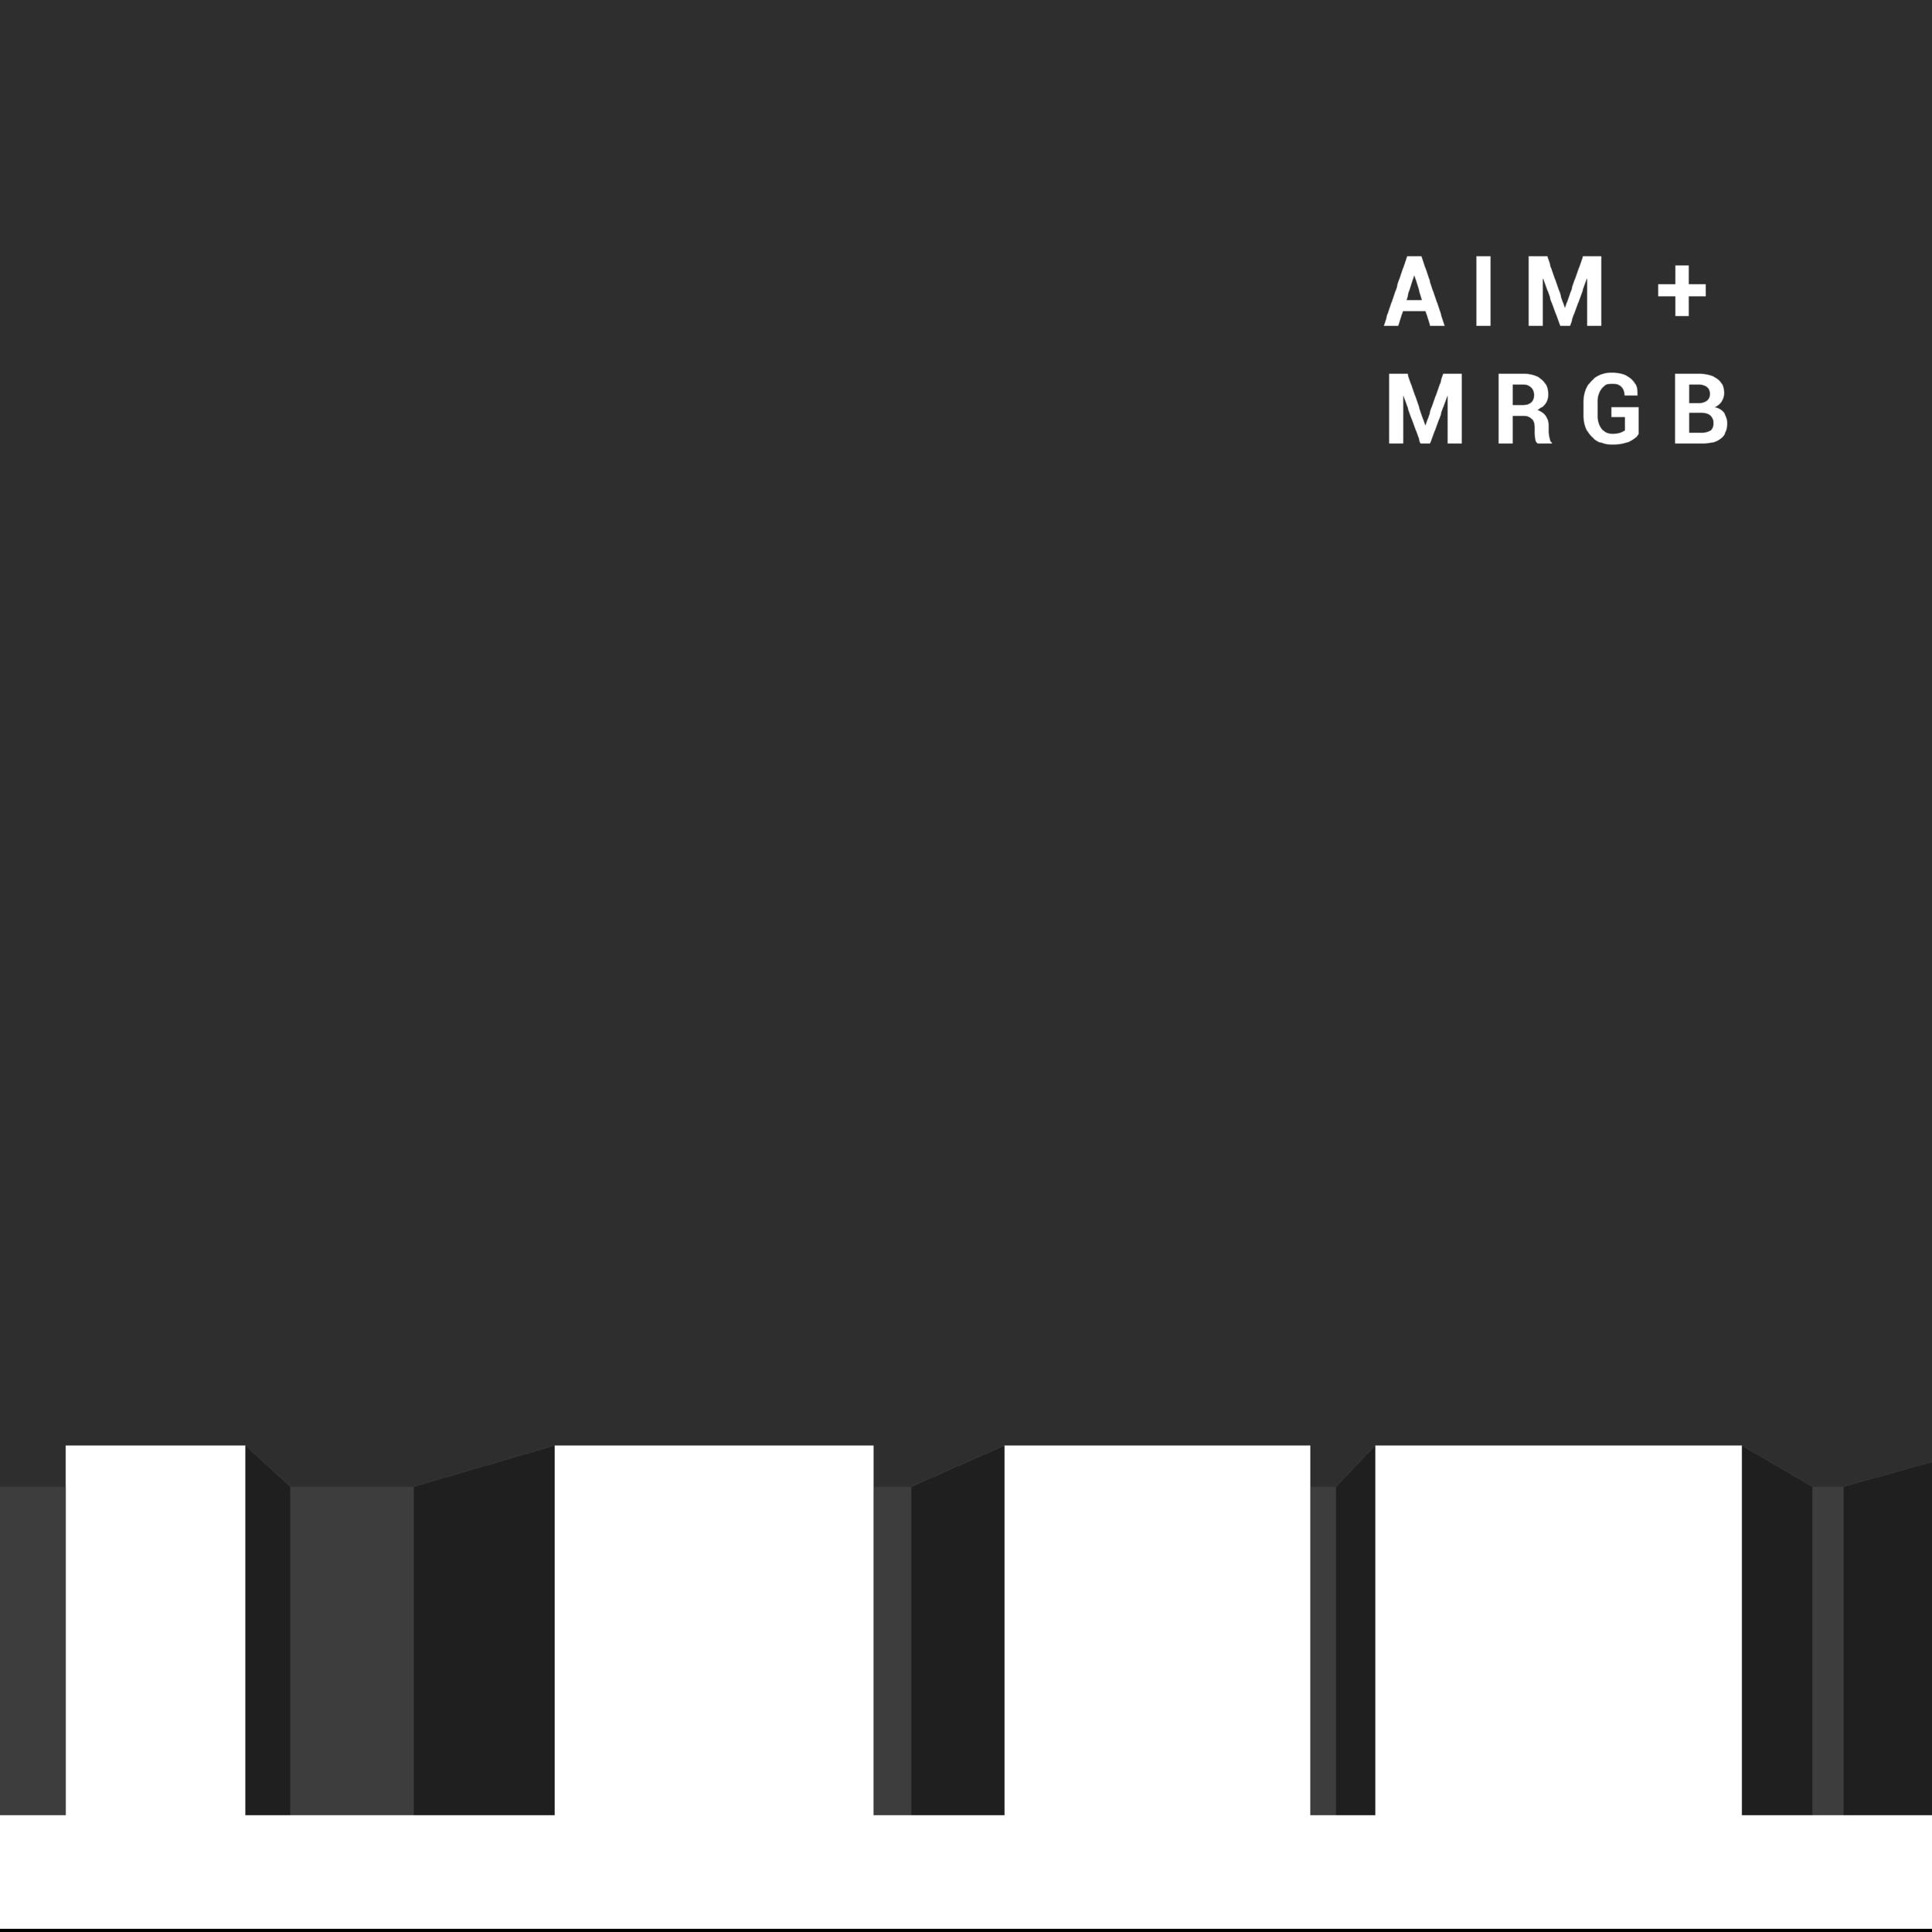 aim mrgb_11.png